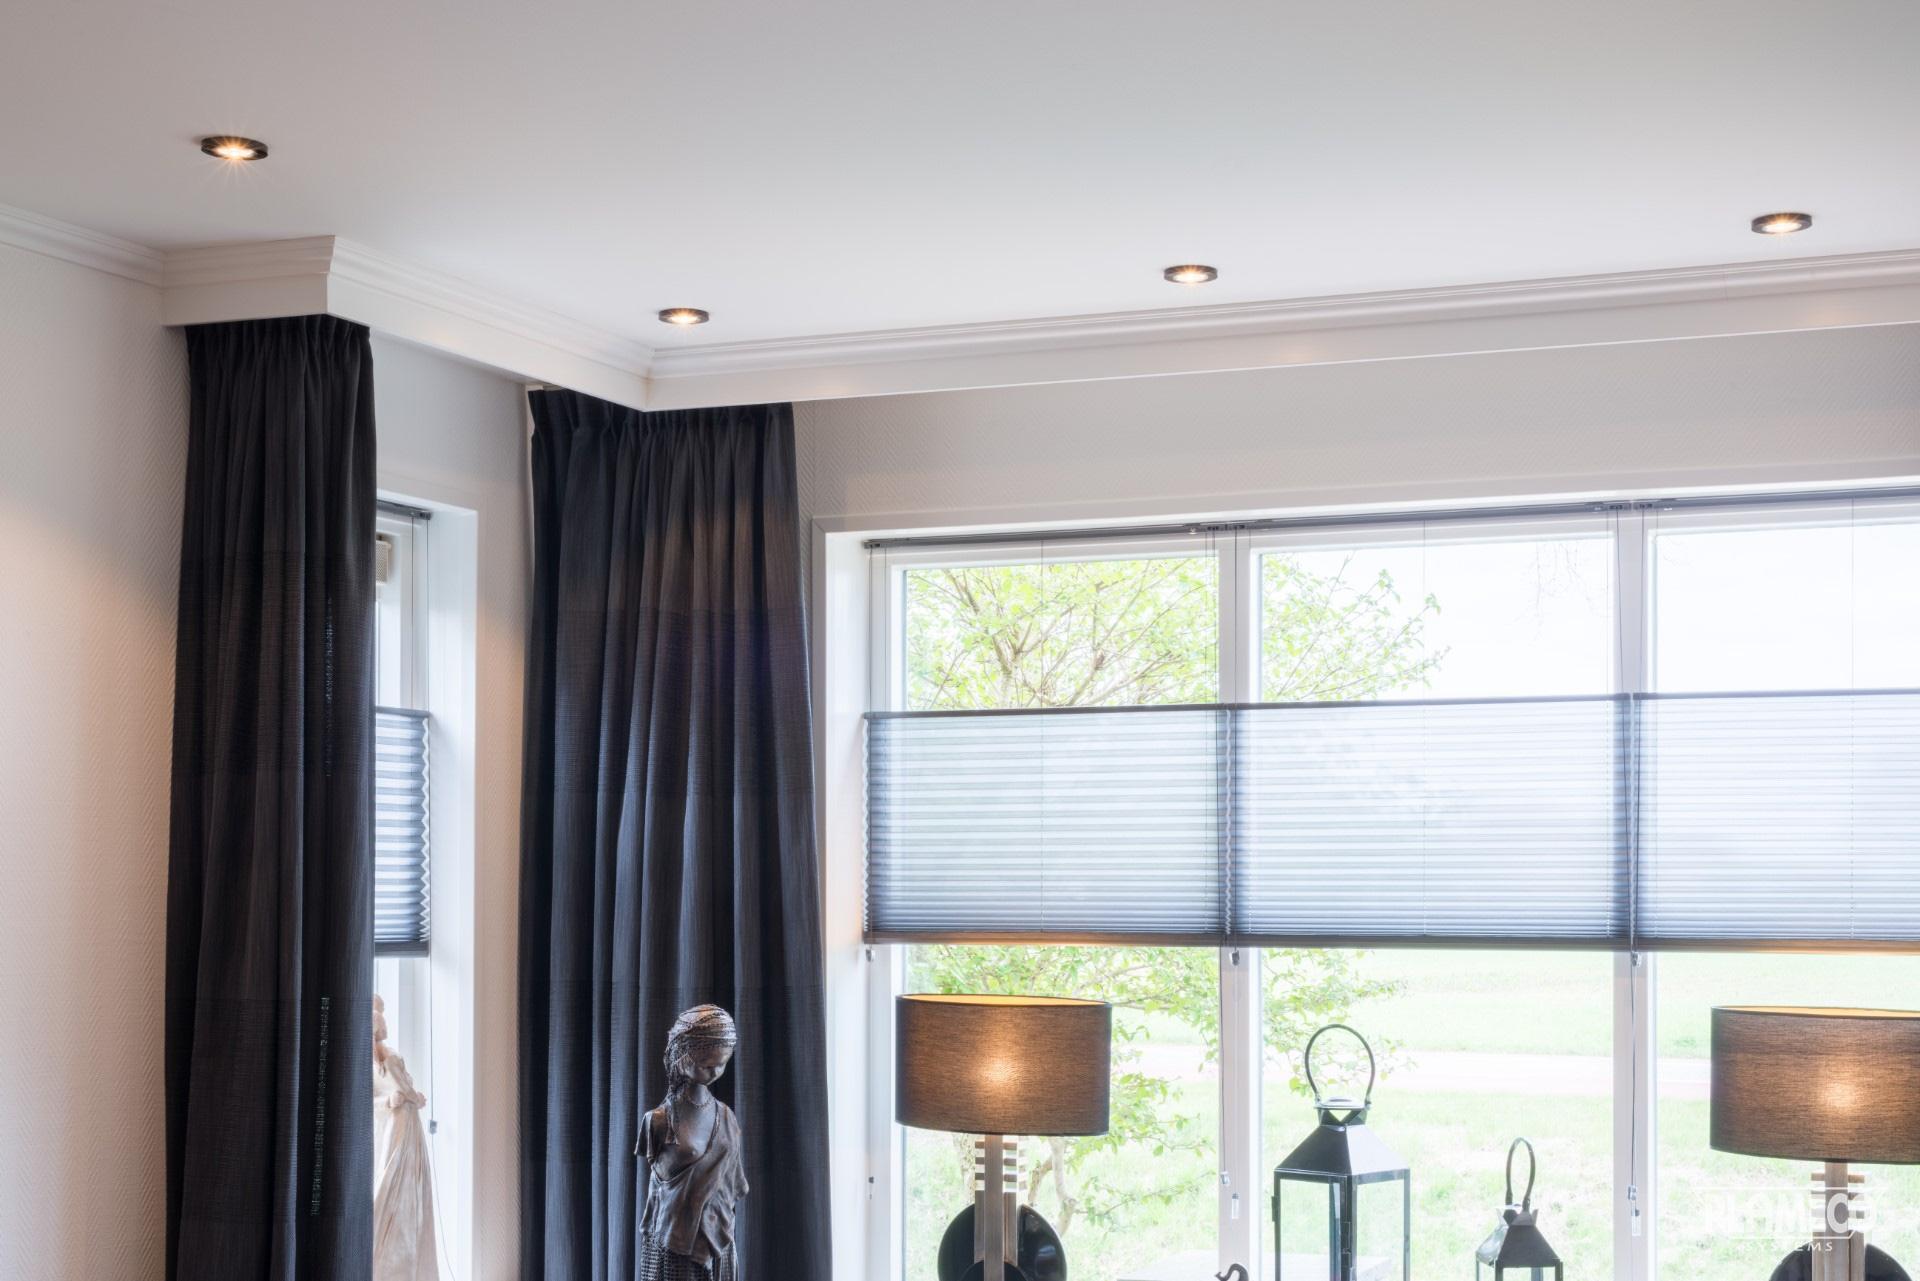 Spanndecken Lassen Sich In Samtlichen Wohnraumen Einsetzen Auch Kuche Bad Und WC Sogar Fur Die Installation An Dachschragen Eignen Sie